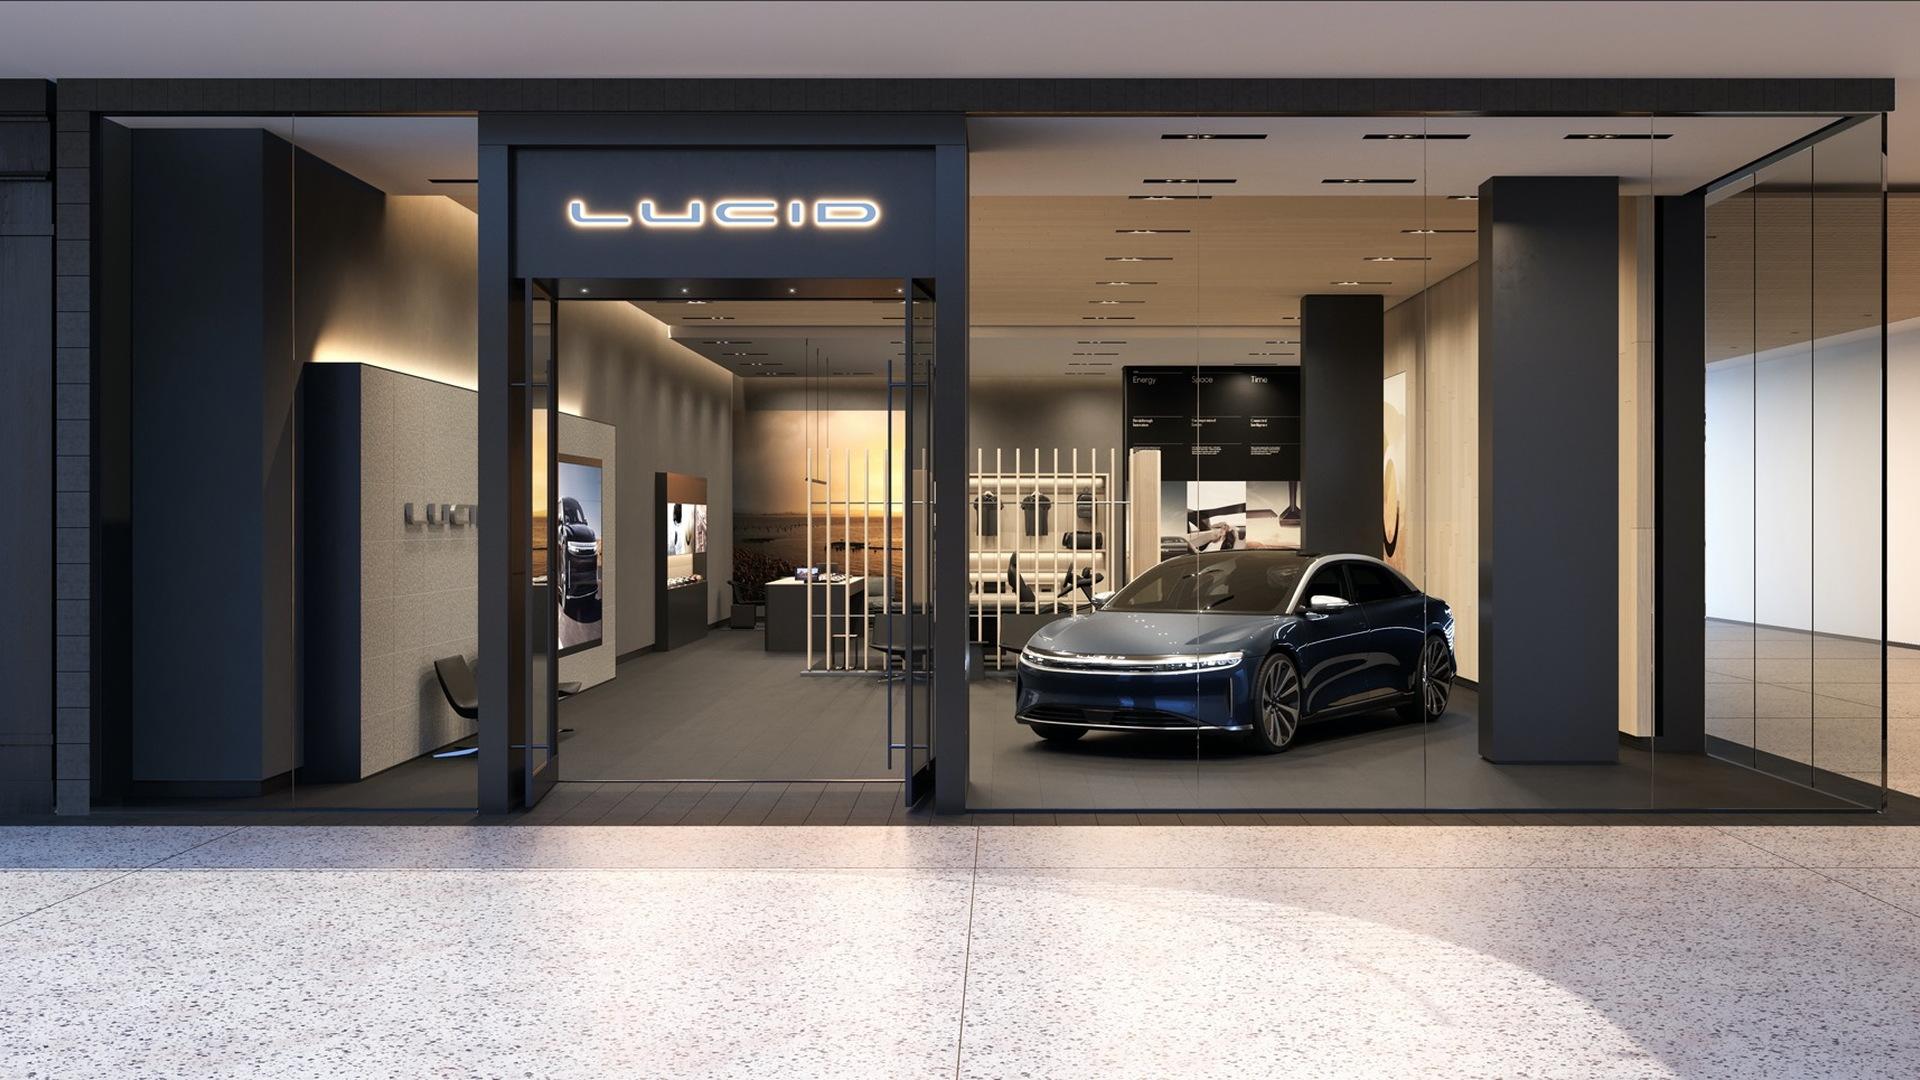 Lucid Studio  -  rendering of future store